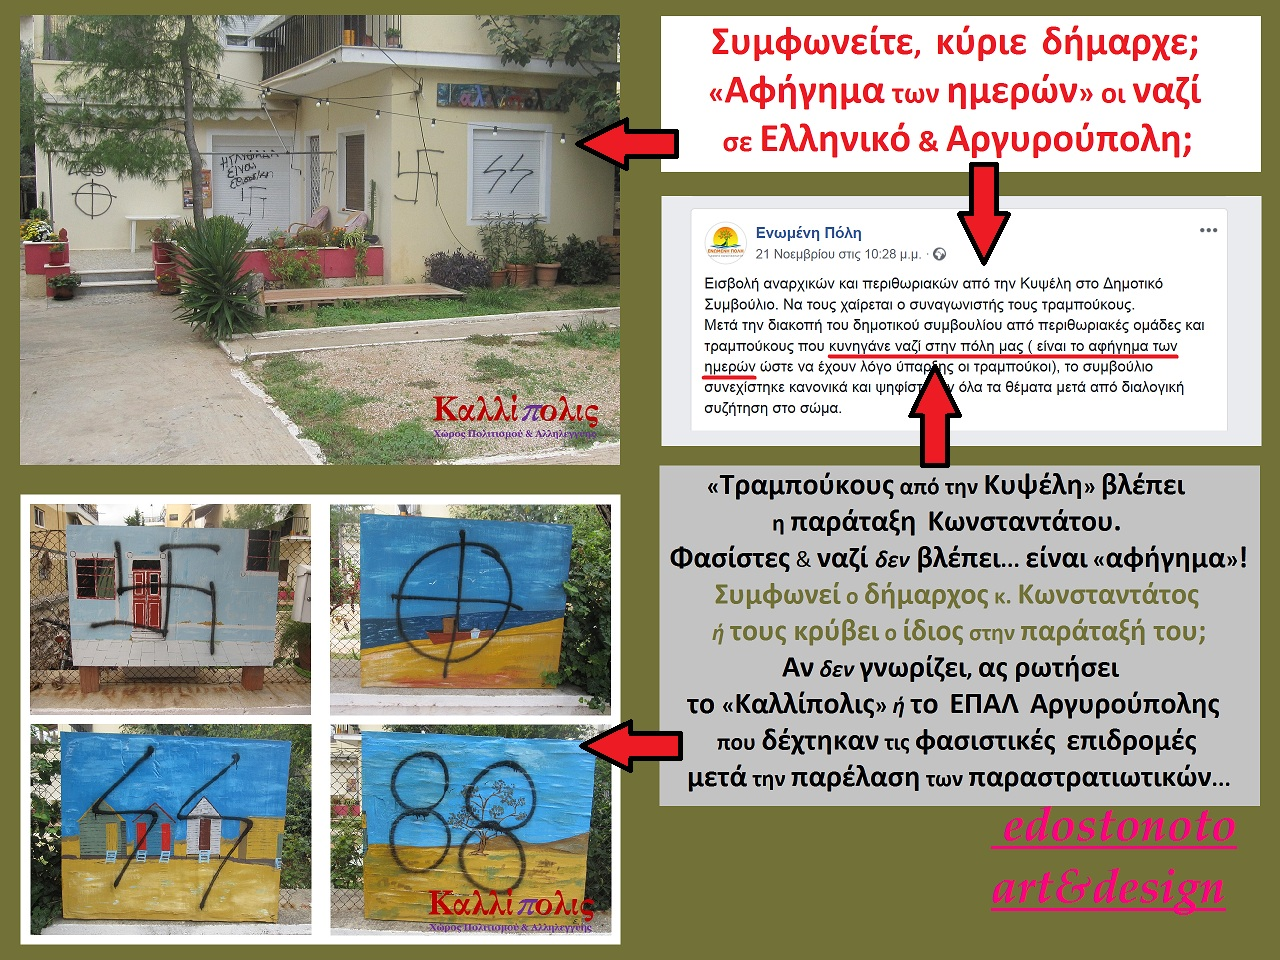 ΓΙΩΡΓΟΣ ΑΘΑΝΑΣΟΠΟΥΛΟΣ